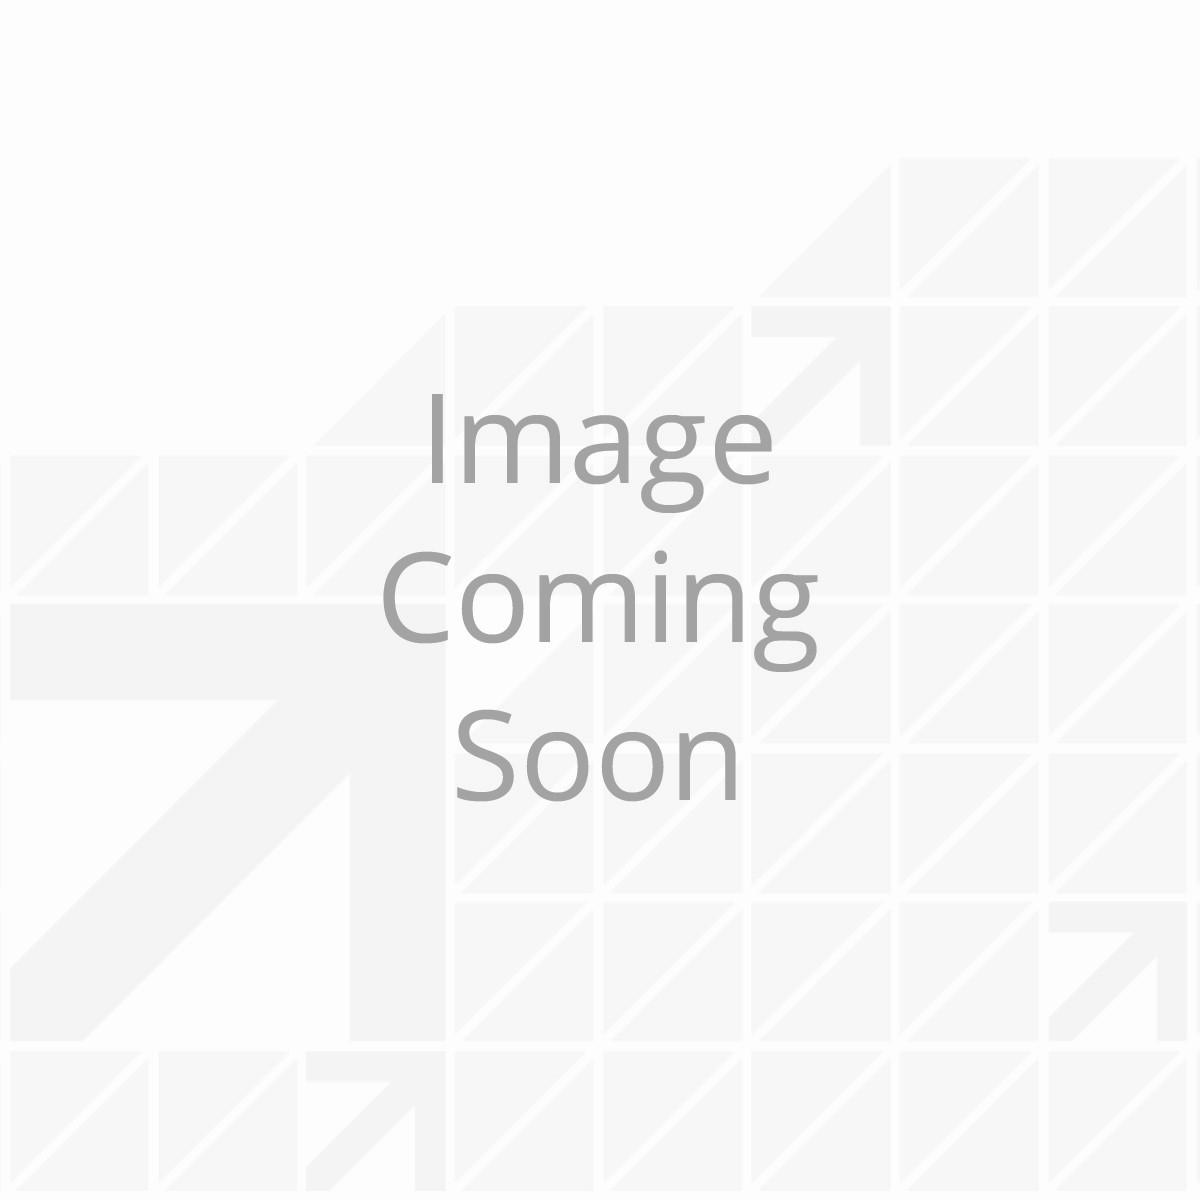 142833_Flange-Nut_001